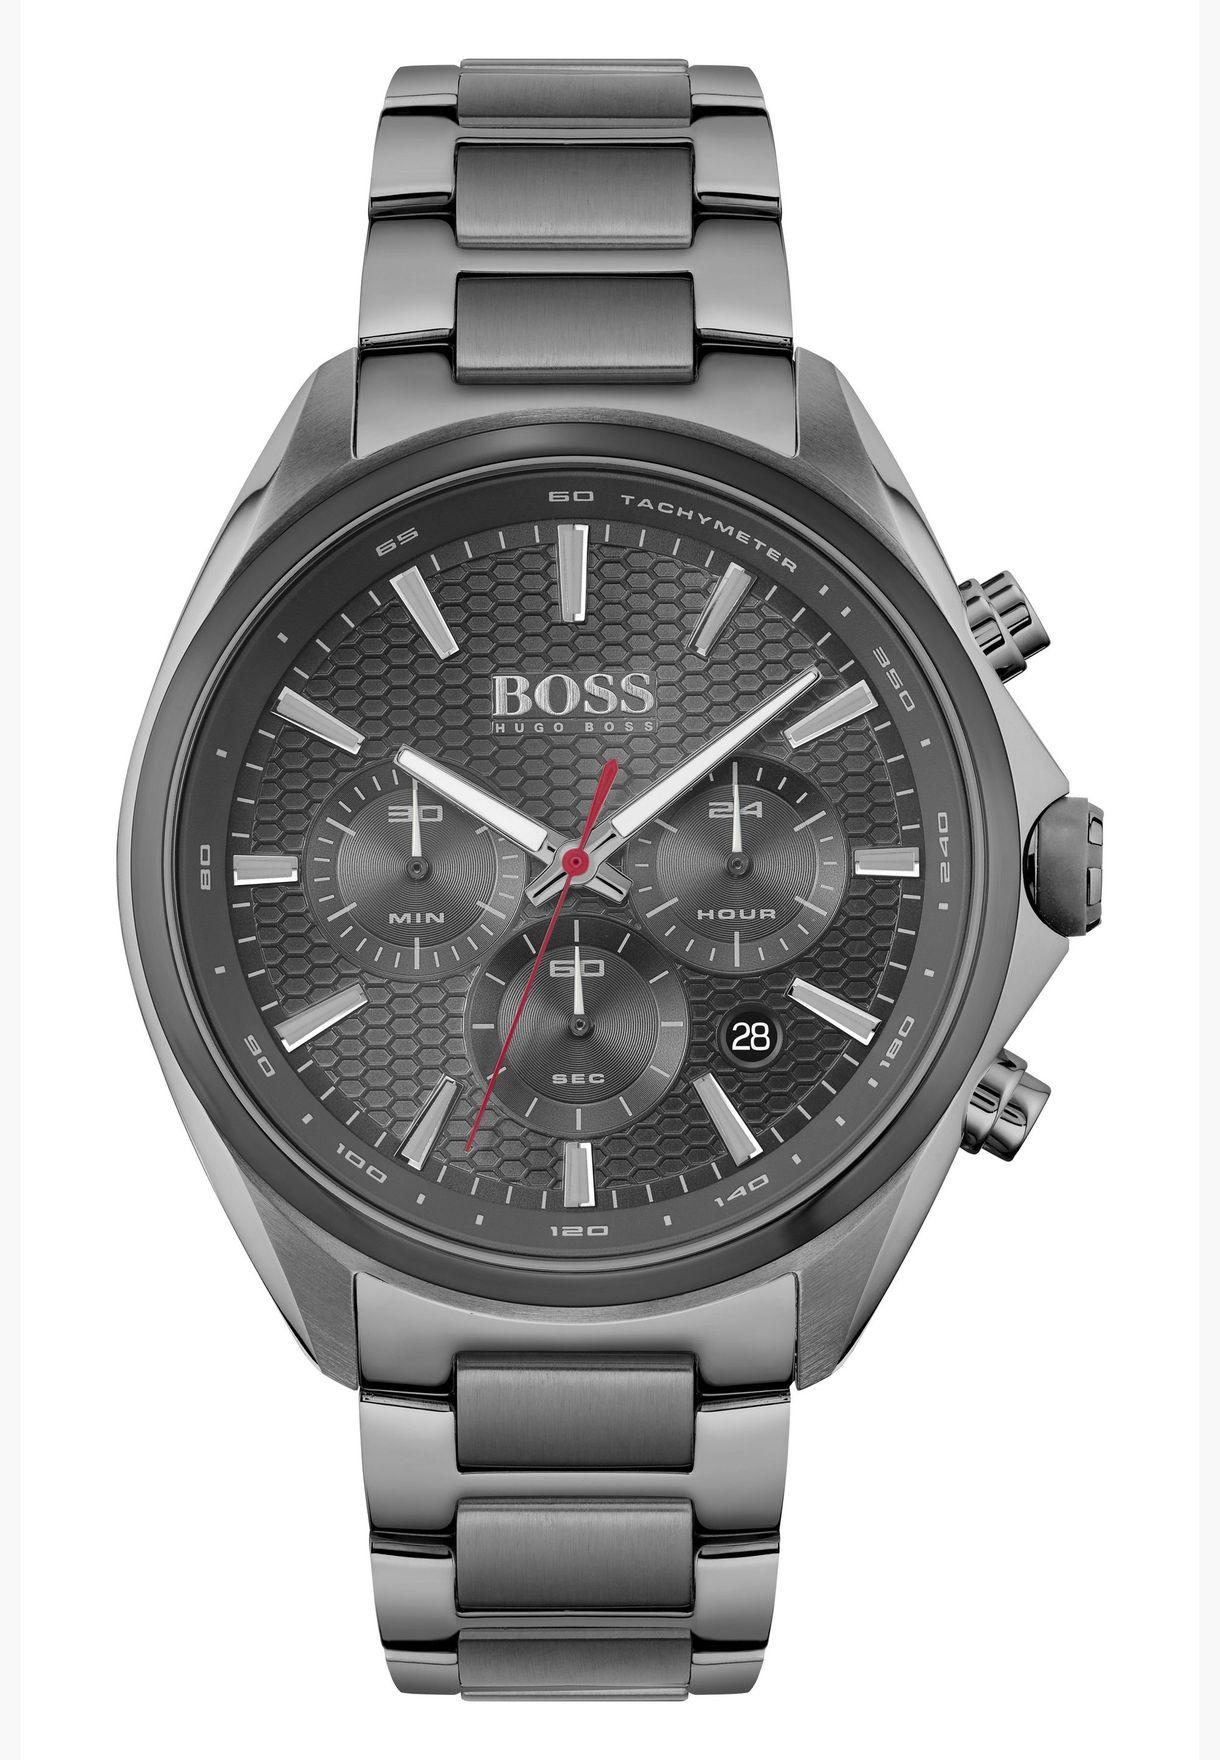 ساعة هوغو بوس ديستينكت من الستانلس ستيل للرجال - 1513858